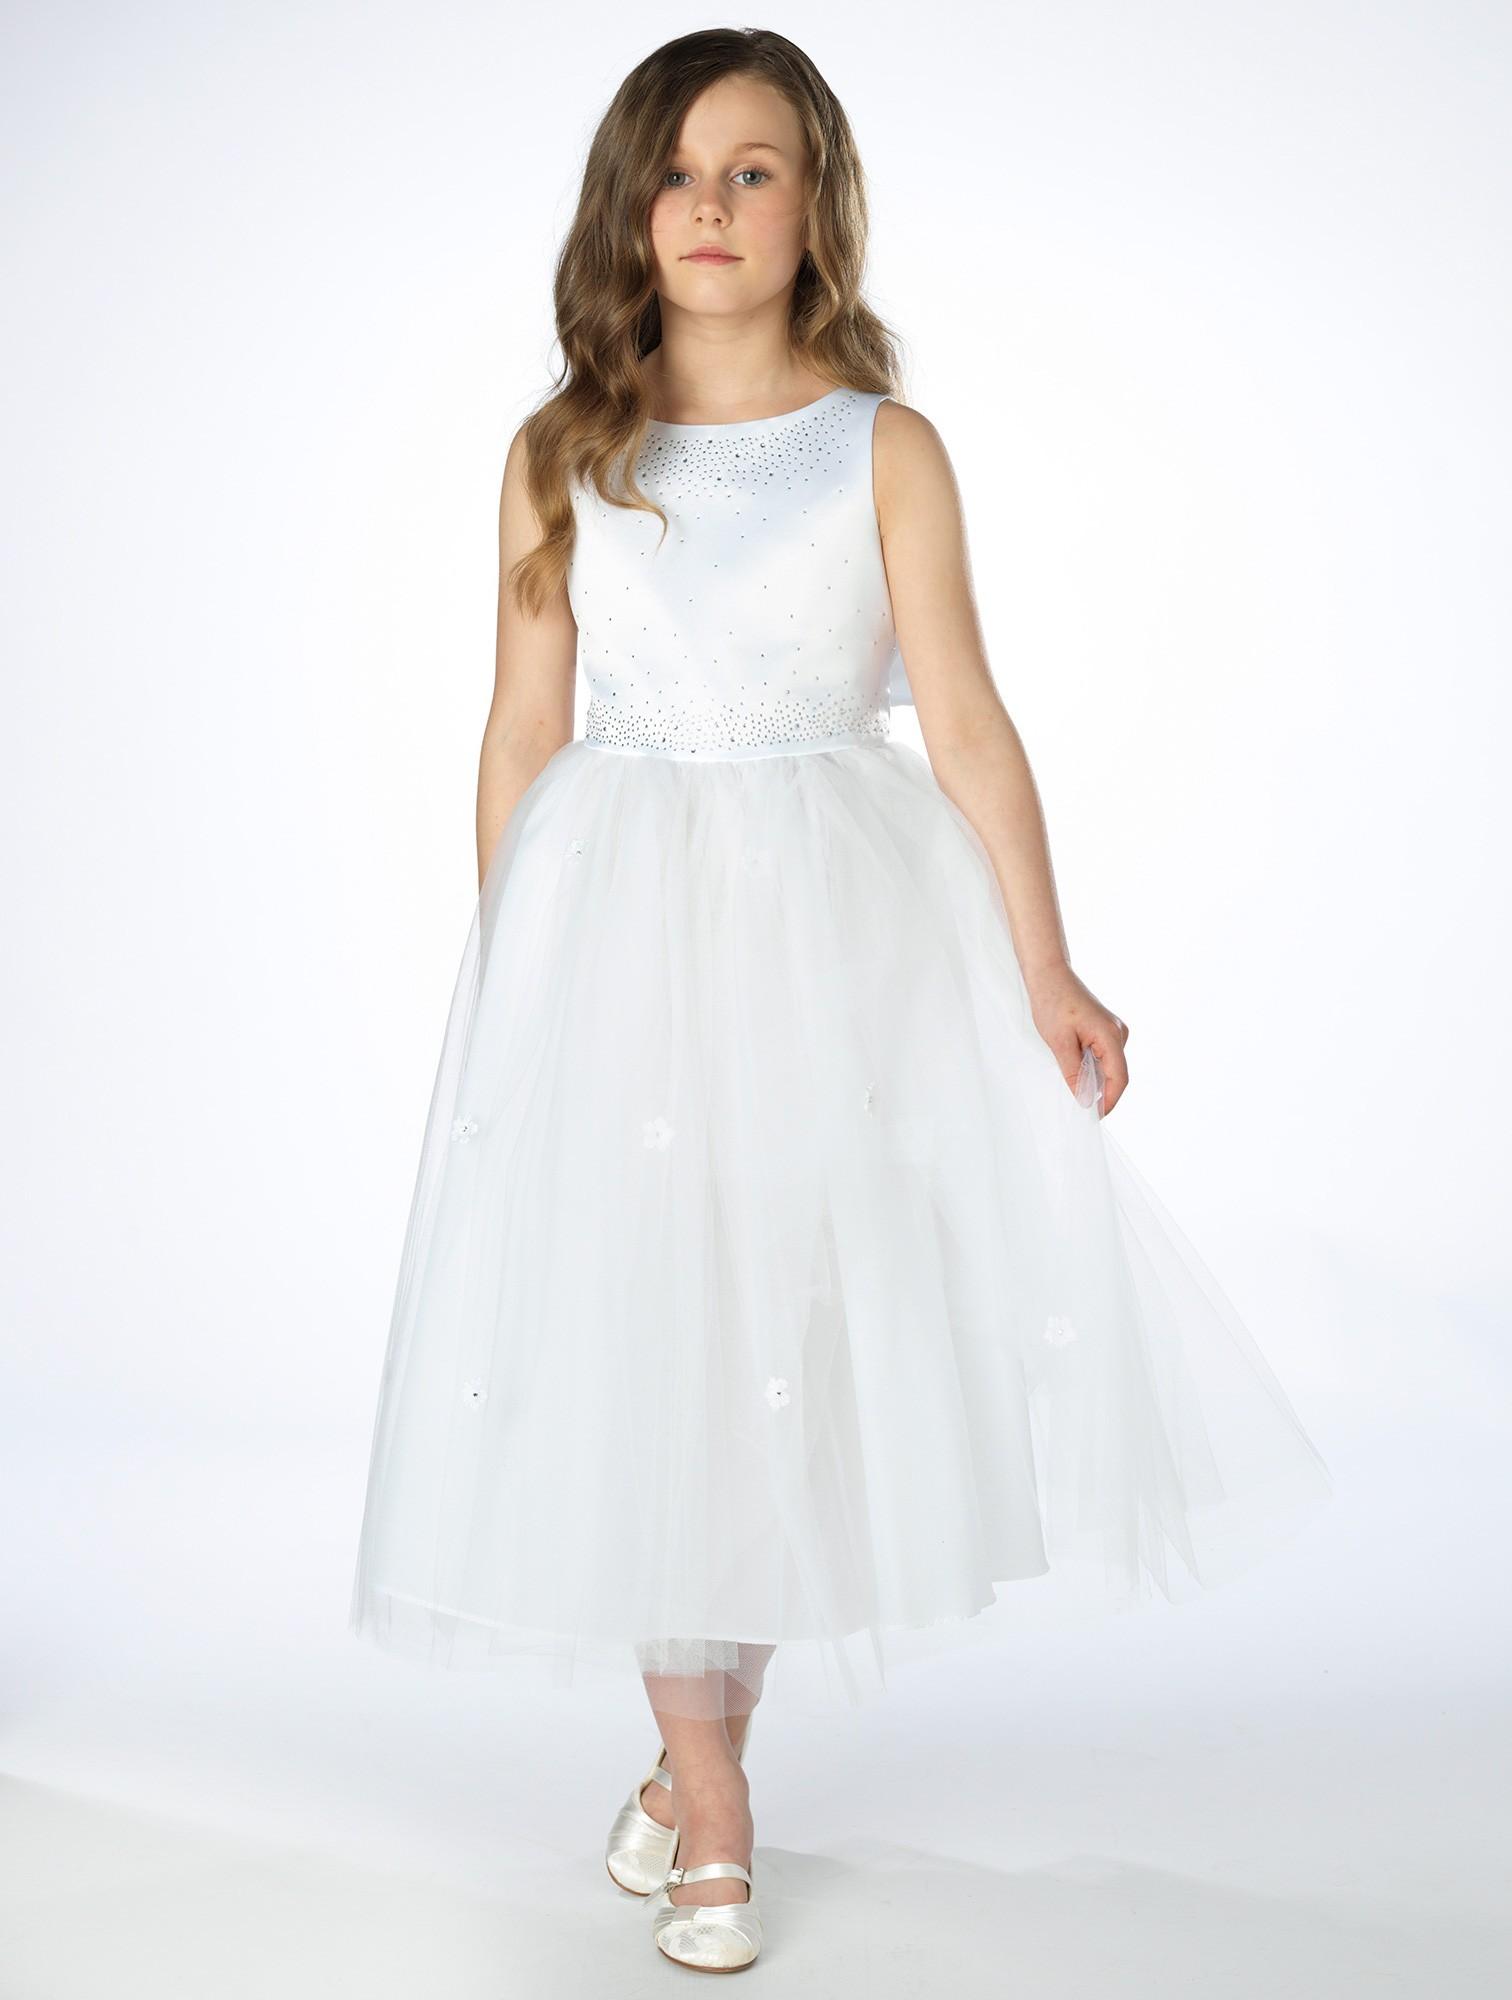 5be7a2b7cc2f Dívčí společenské bílé šaty Tamara